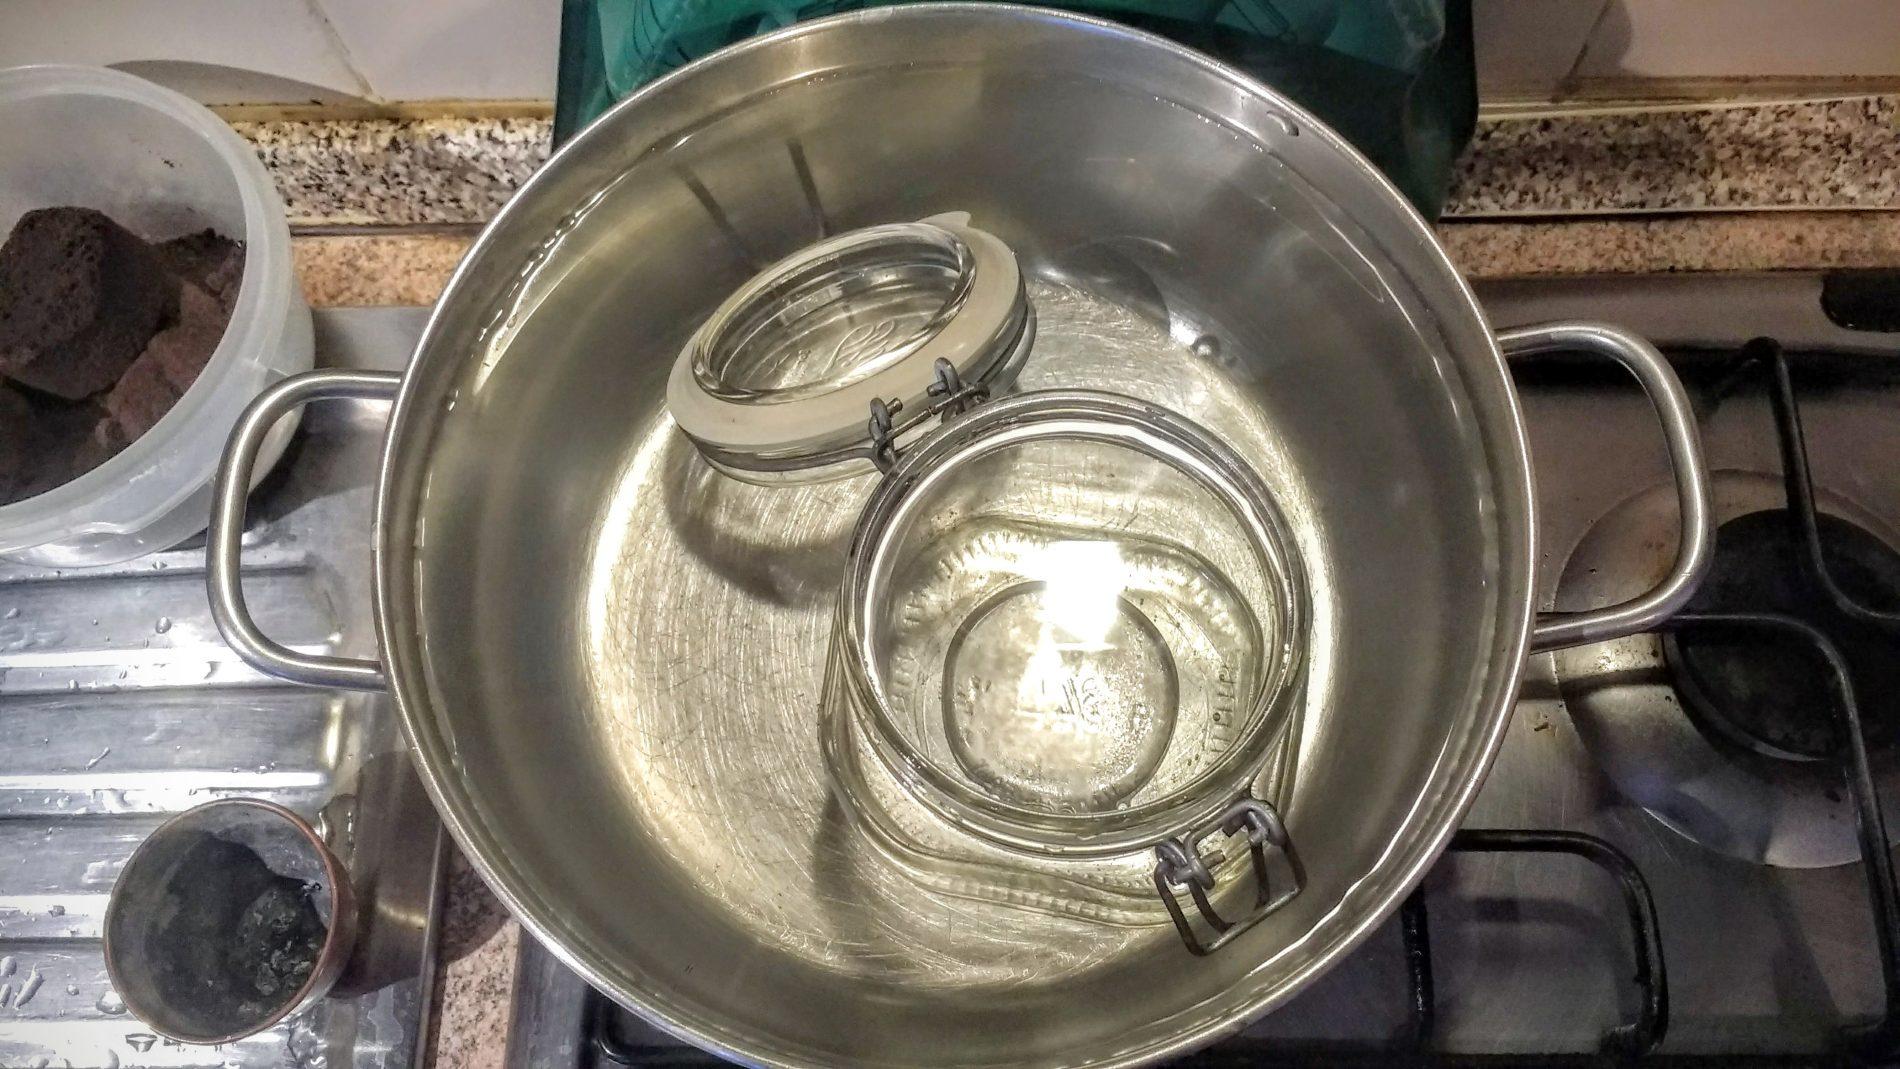 Un pizzico di Bicarbonato di Sodio nell'acqua renderà la disinfezione ancora più profonda senza influire minimamente sul sapore.